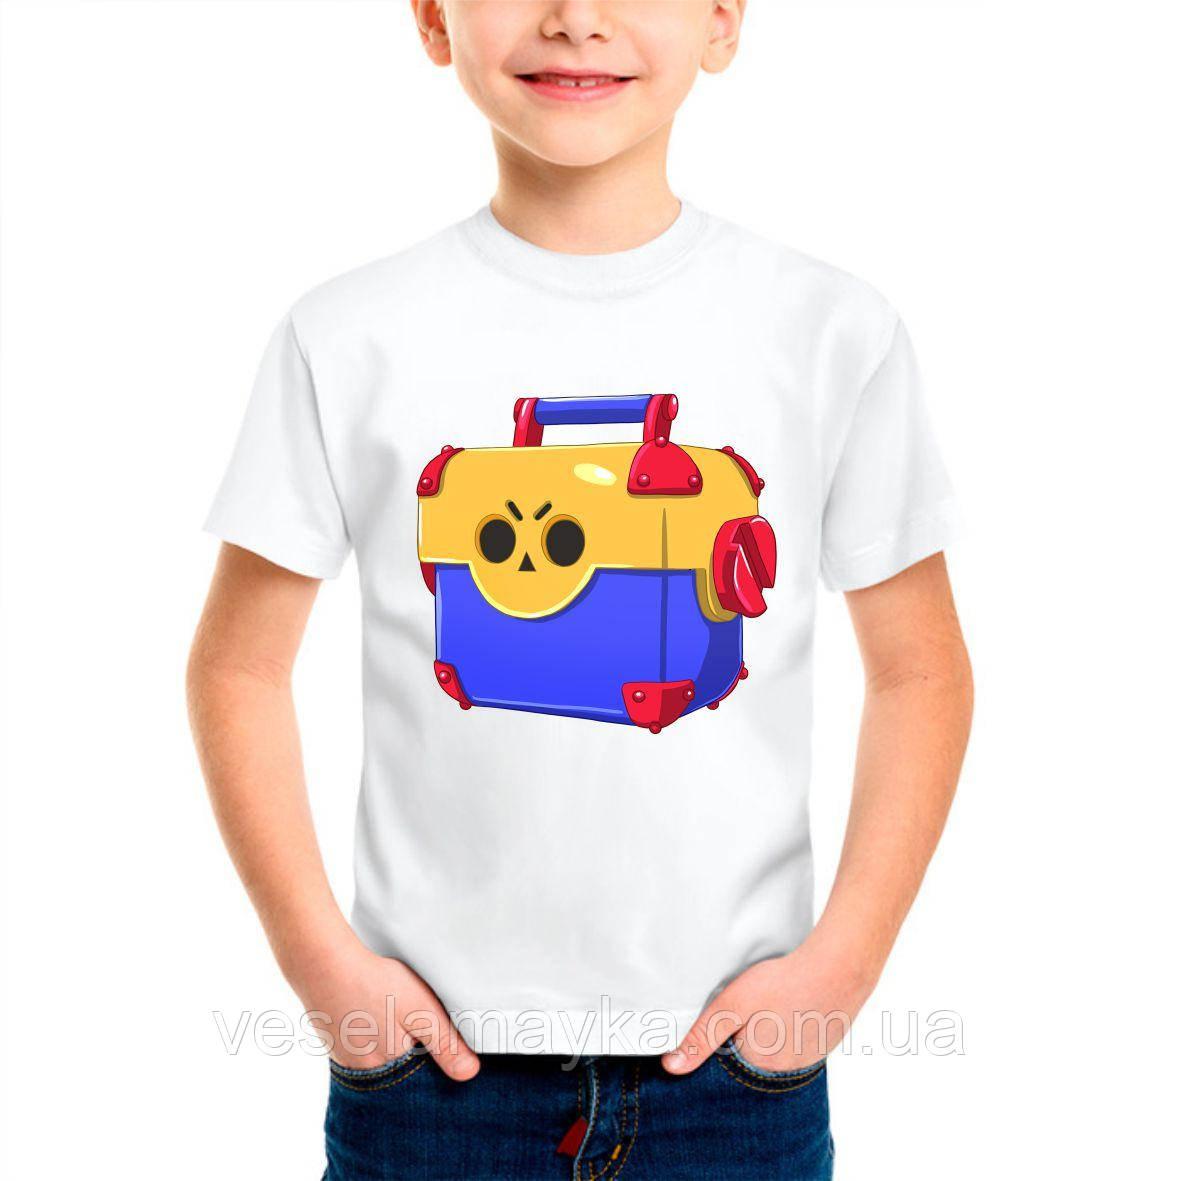 Детская футболка BS Мега ящик